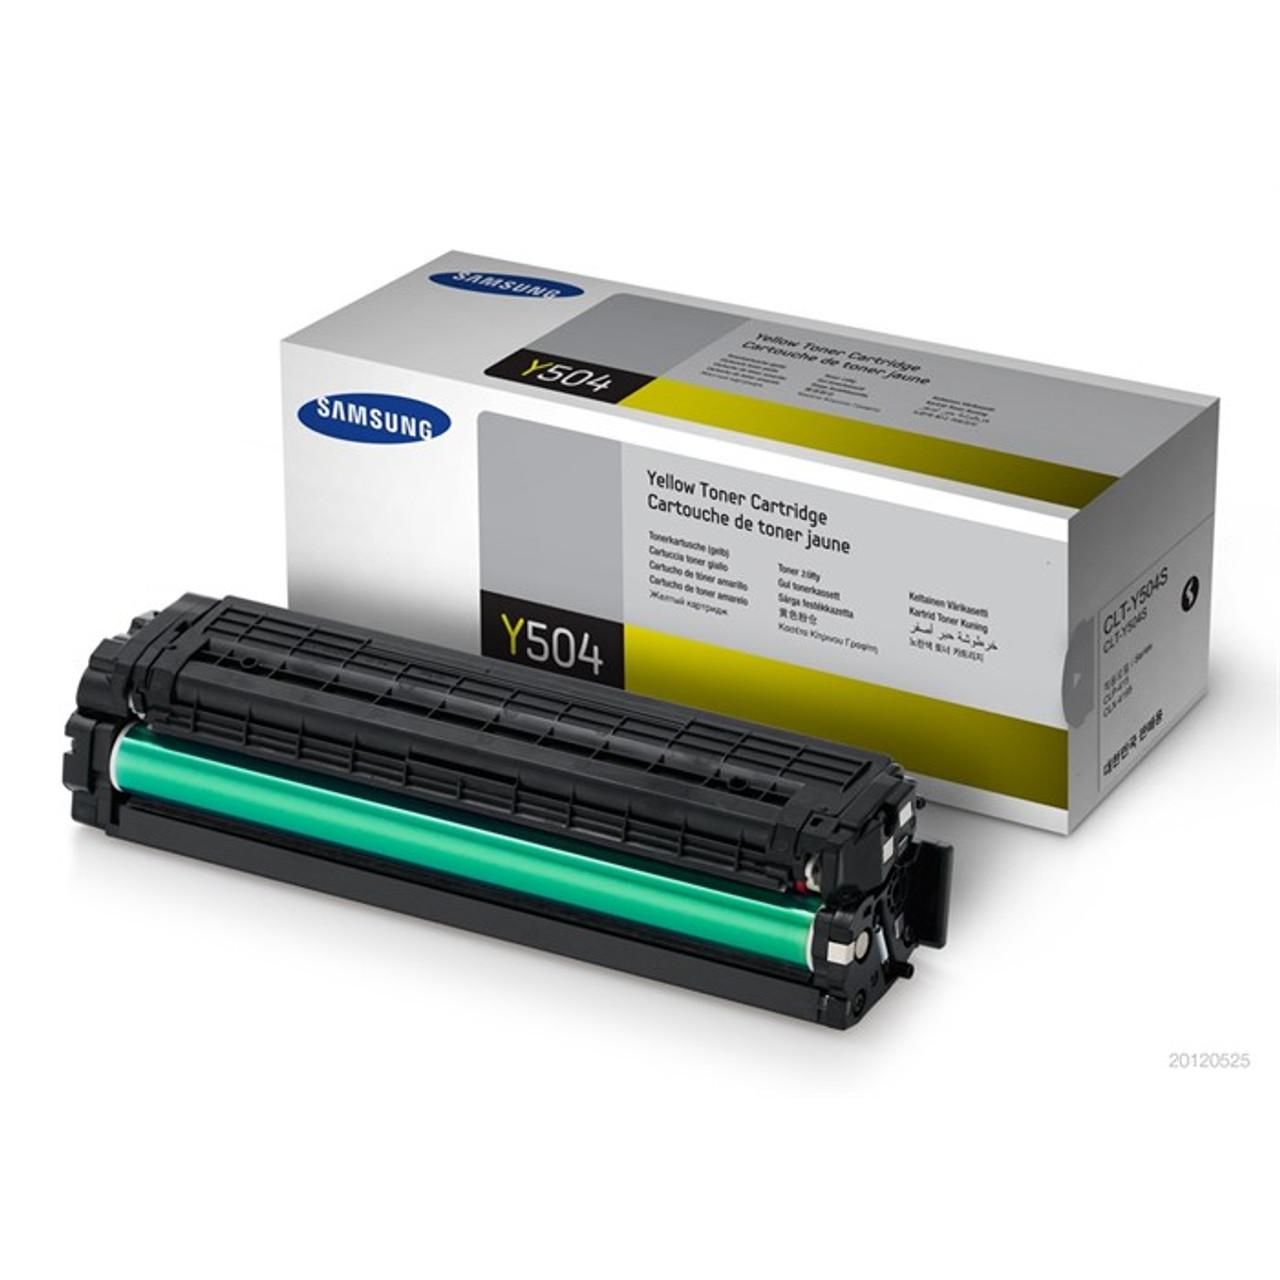 Samsung C504 Yellow Original Toner Cartridge (Clt-y504s/els)